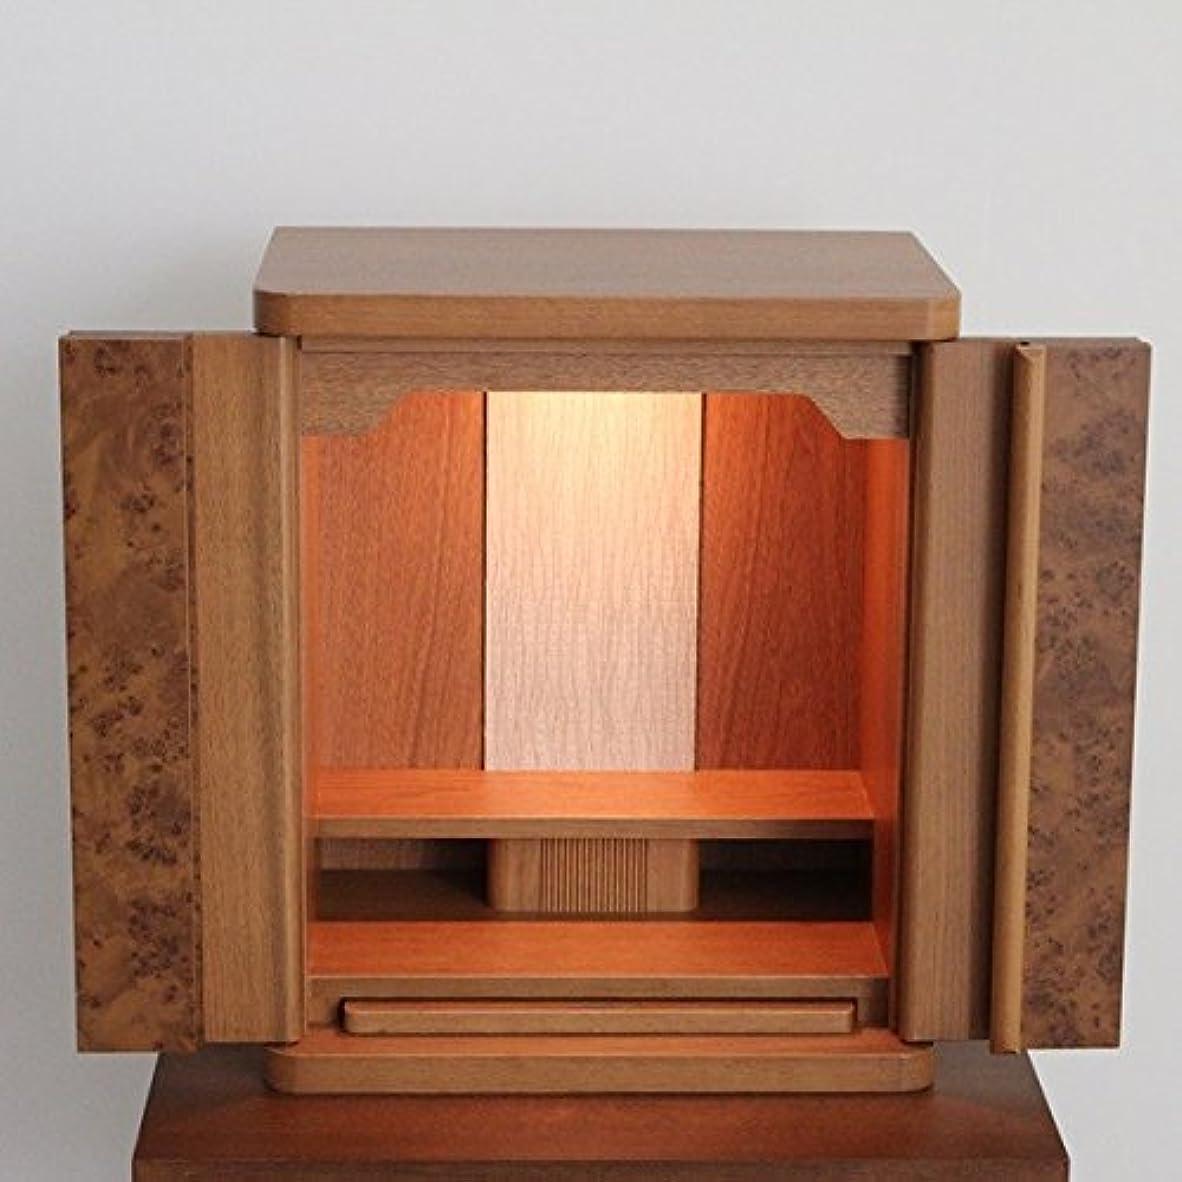 のぞき見推定する急流仏壇 国産 14号 家具調モダン仏壇 小型 クルミ総張材 玉木仕上げ